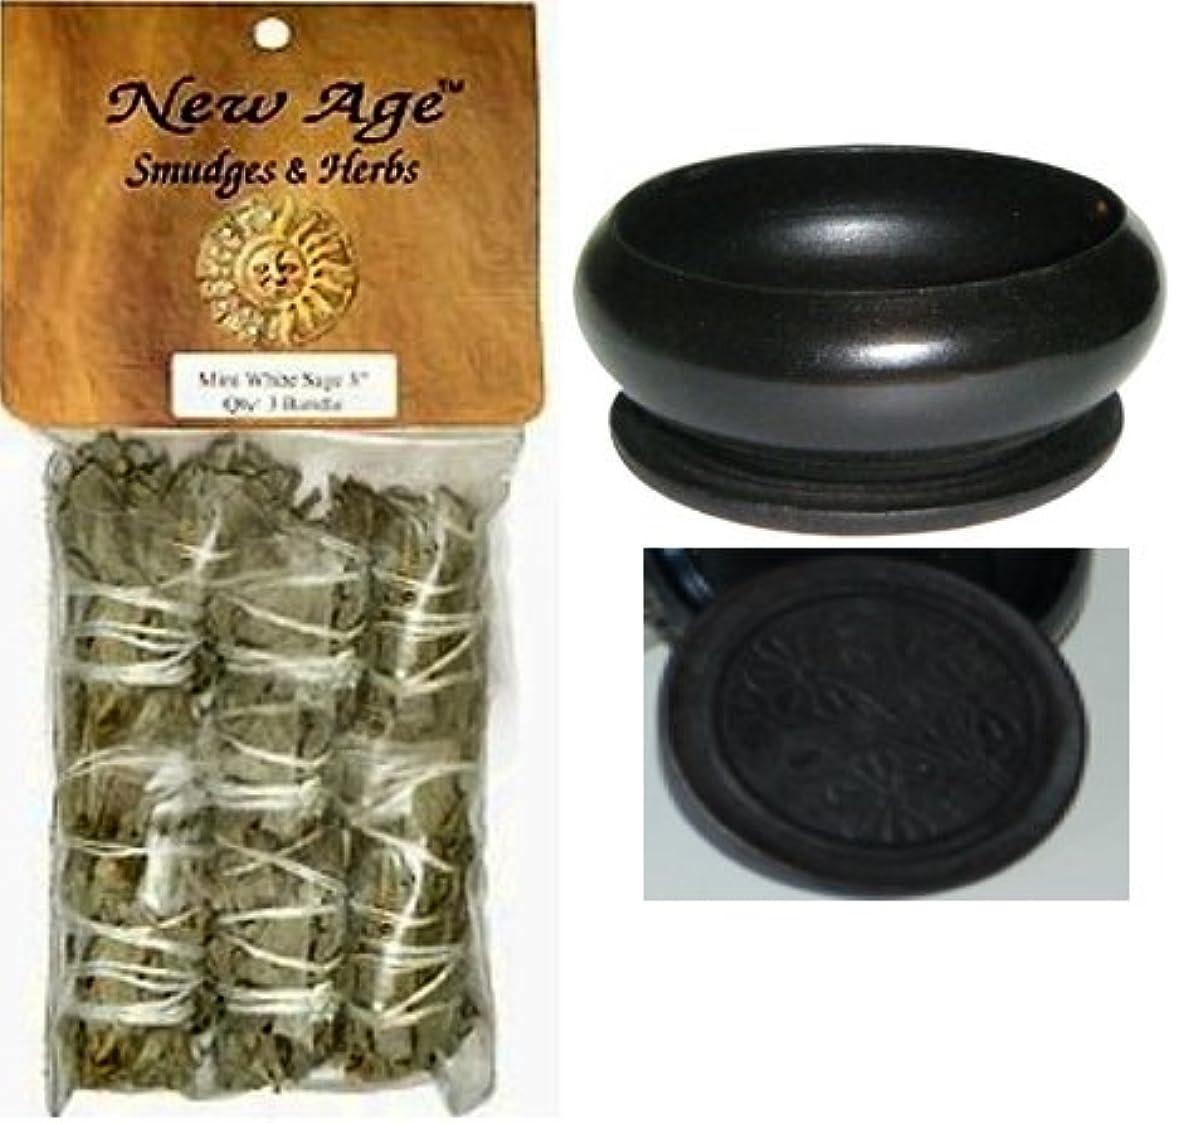 熟達かける卒業【並行輸入品】New Age 3 Pack Smudge Cedar Sage White Sage and Blue Sage Set with 'Uplifiting Therapies' Black Smudge...